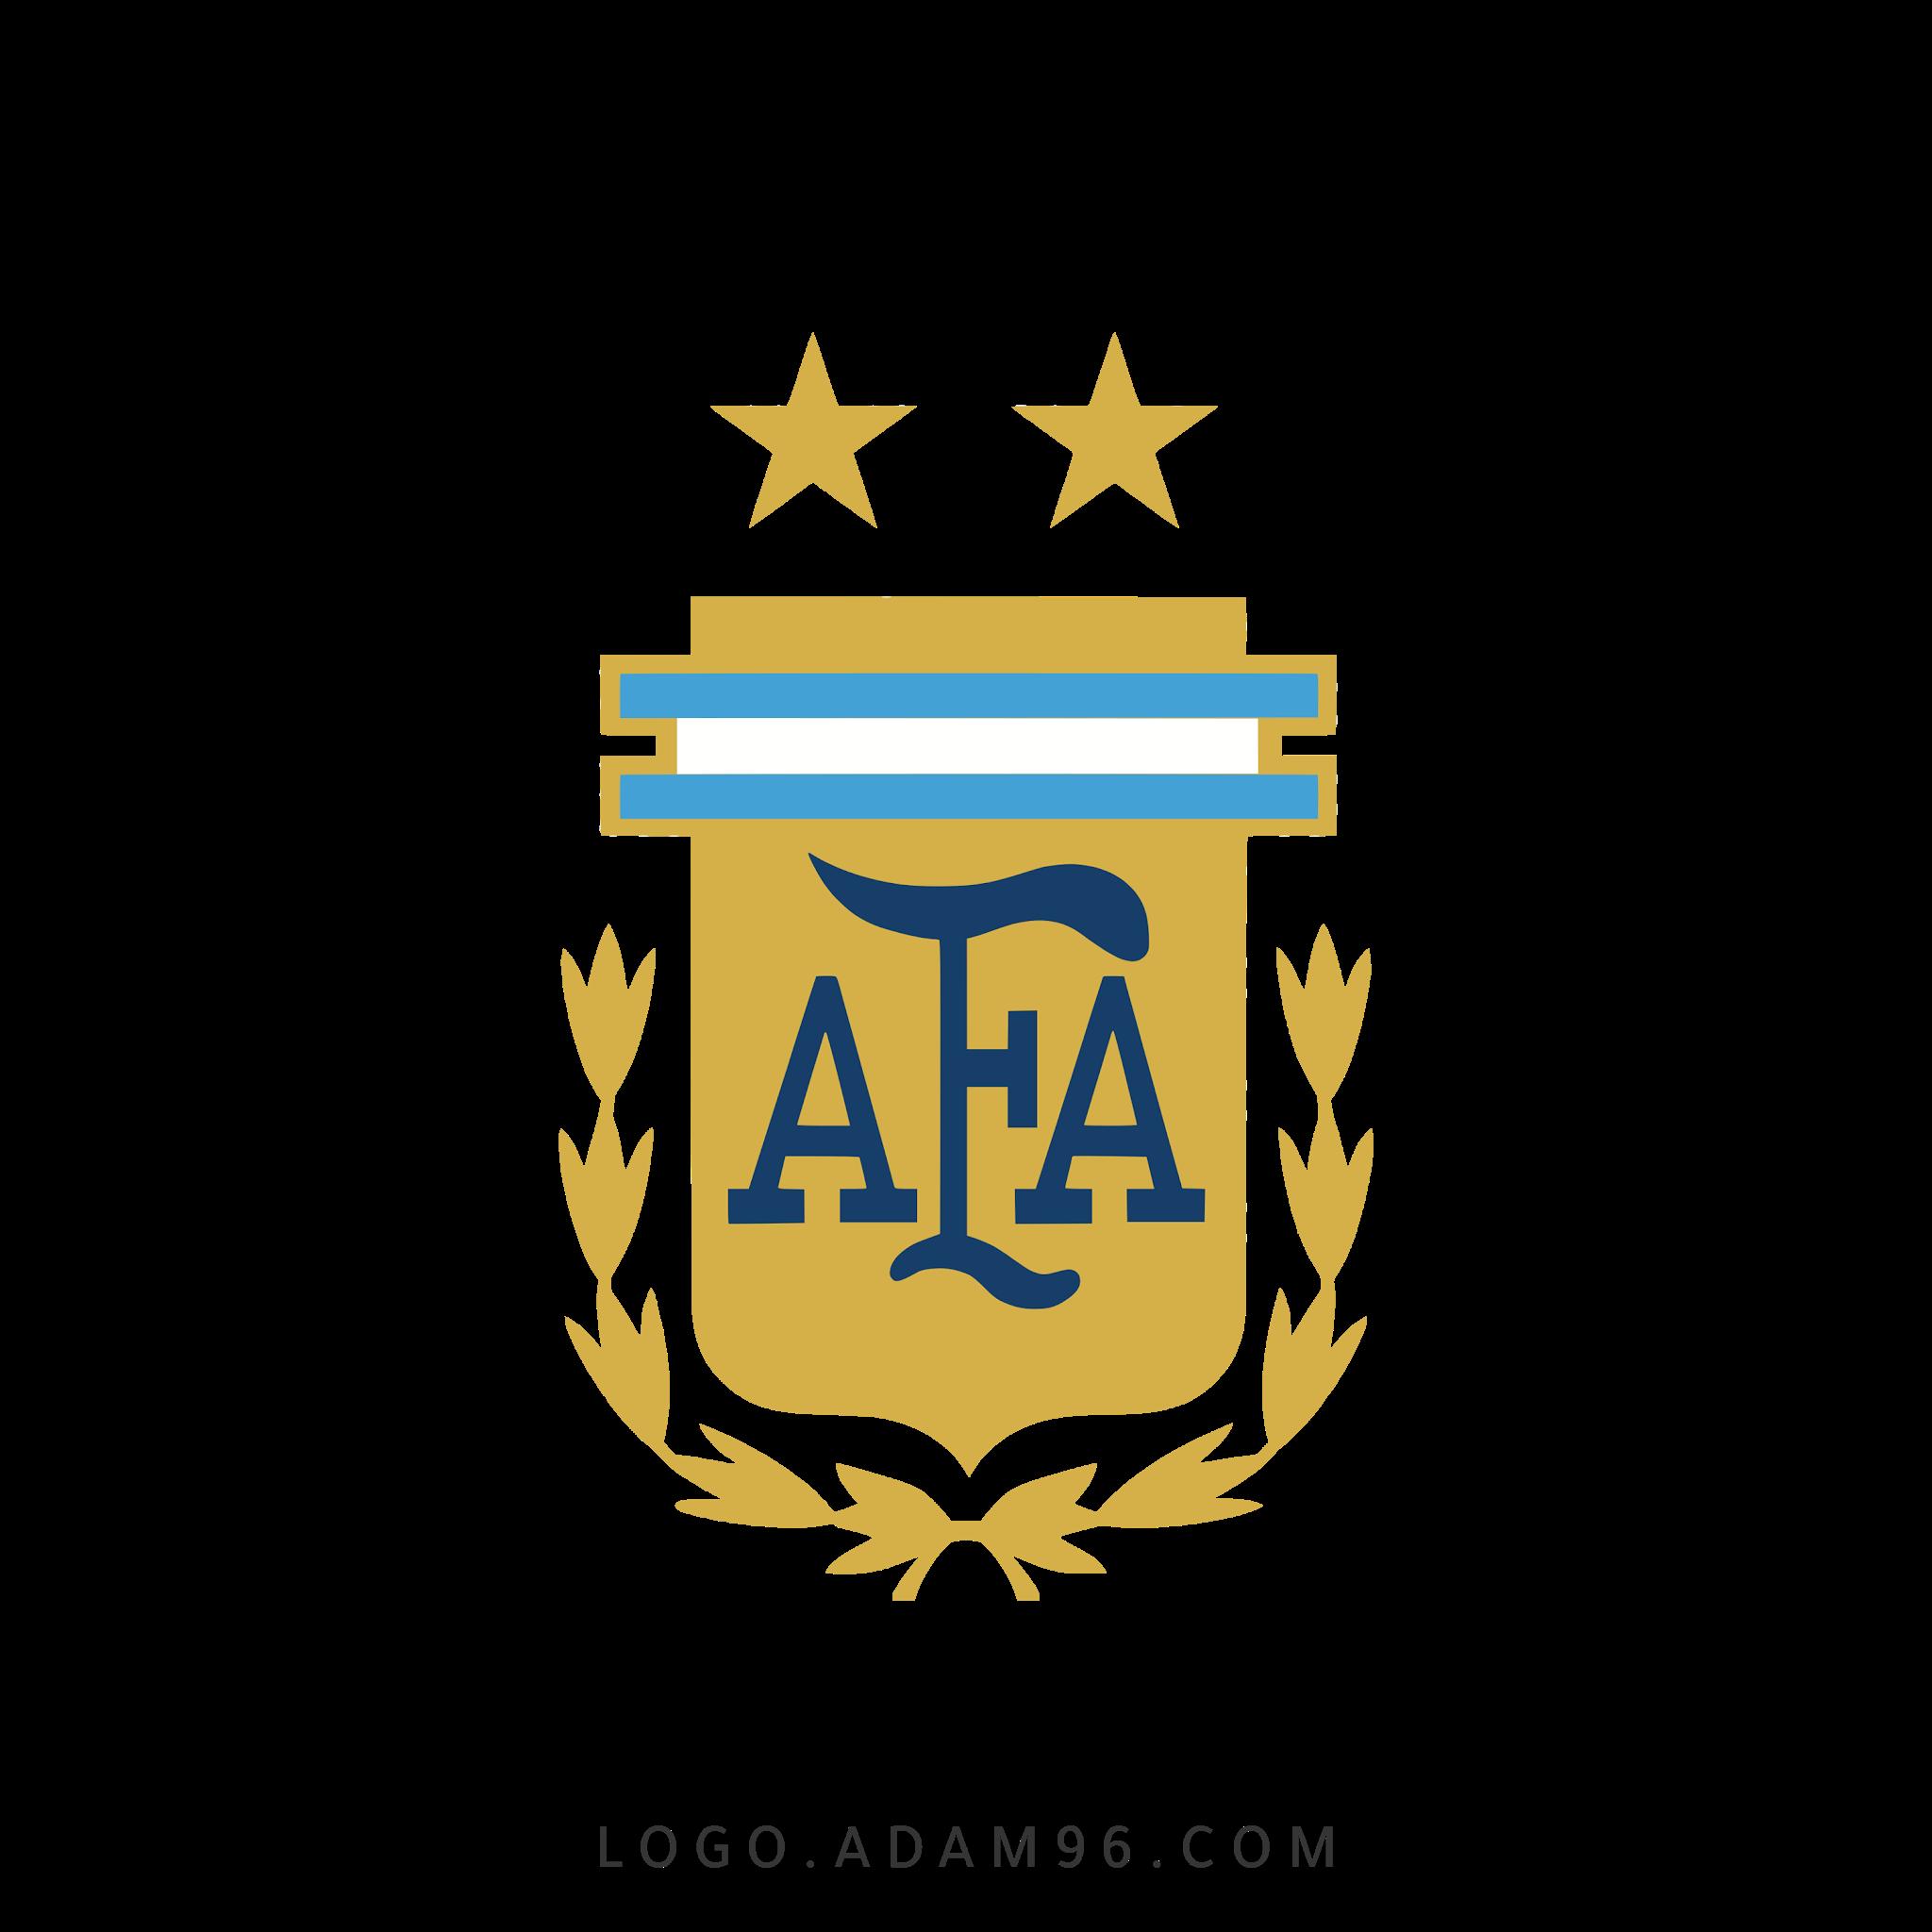 تحميل شعار منتخب الأرجنتين لكرة القدم لوجو رسمي بصيغة شفافة PNG